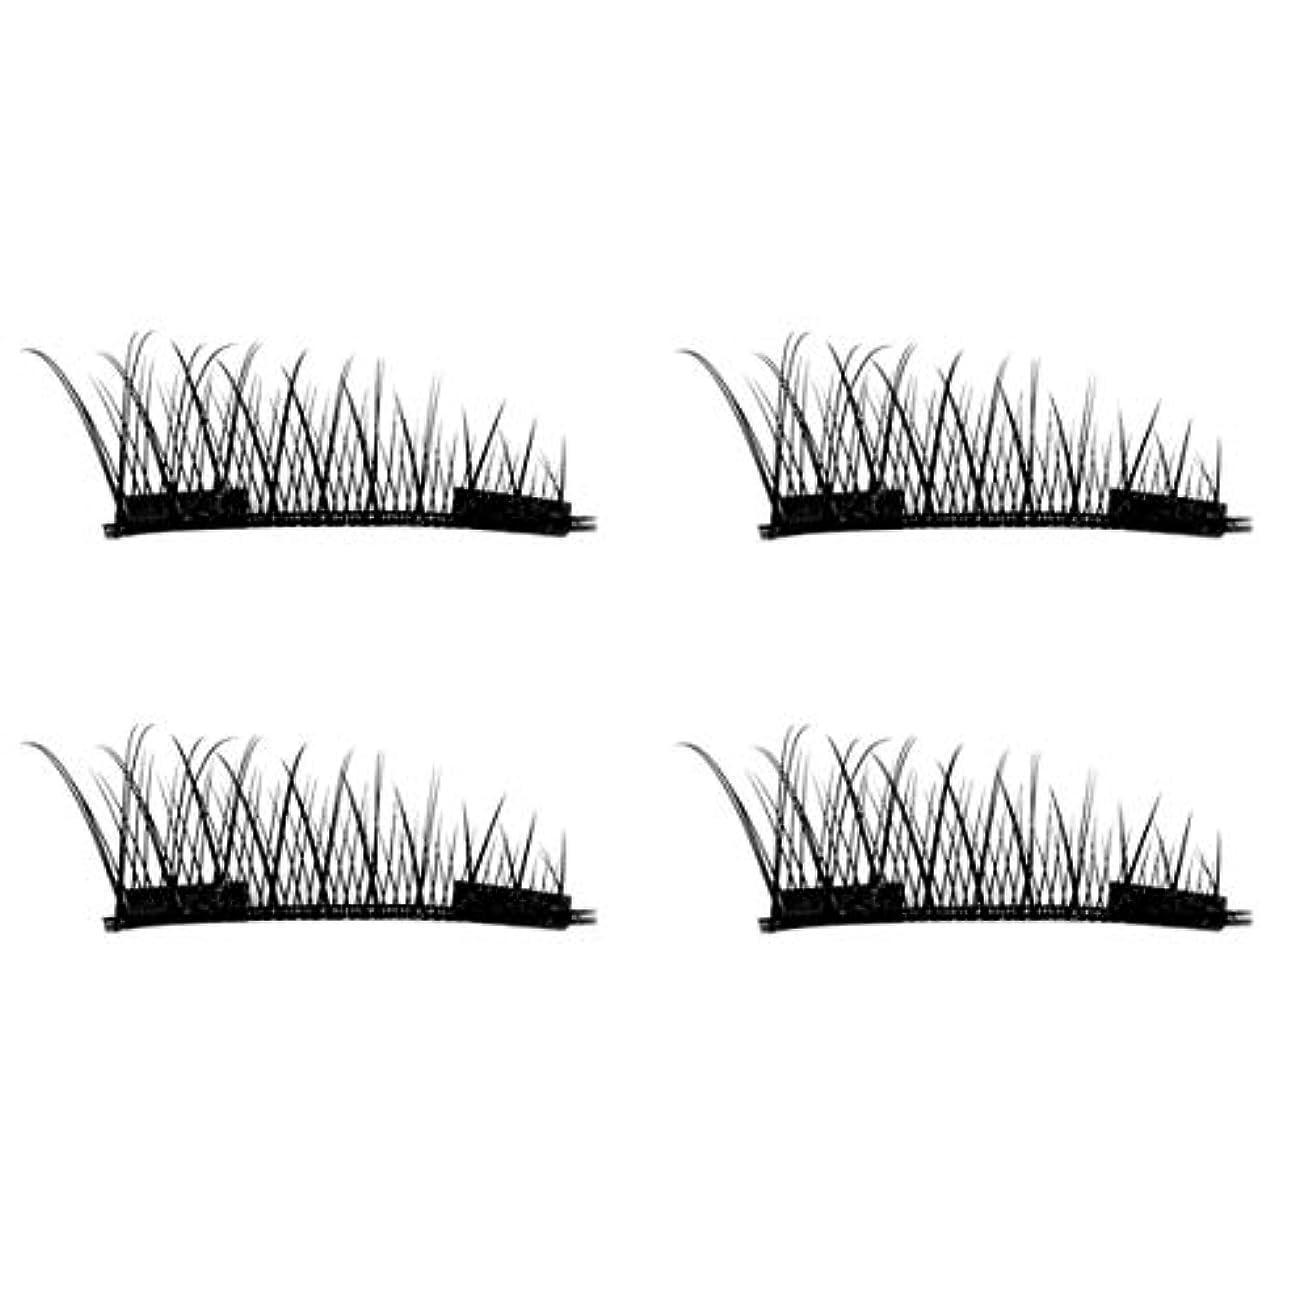 Intercorey 4PCS / 2ペアナチュラルシックアイまつ毛のりのない3D磁気女性アイメイク美容シックロングつけまつげ